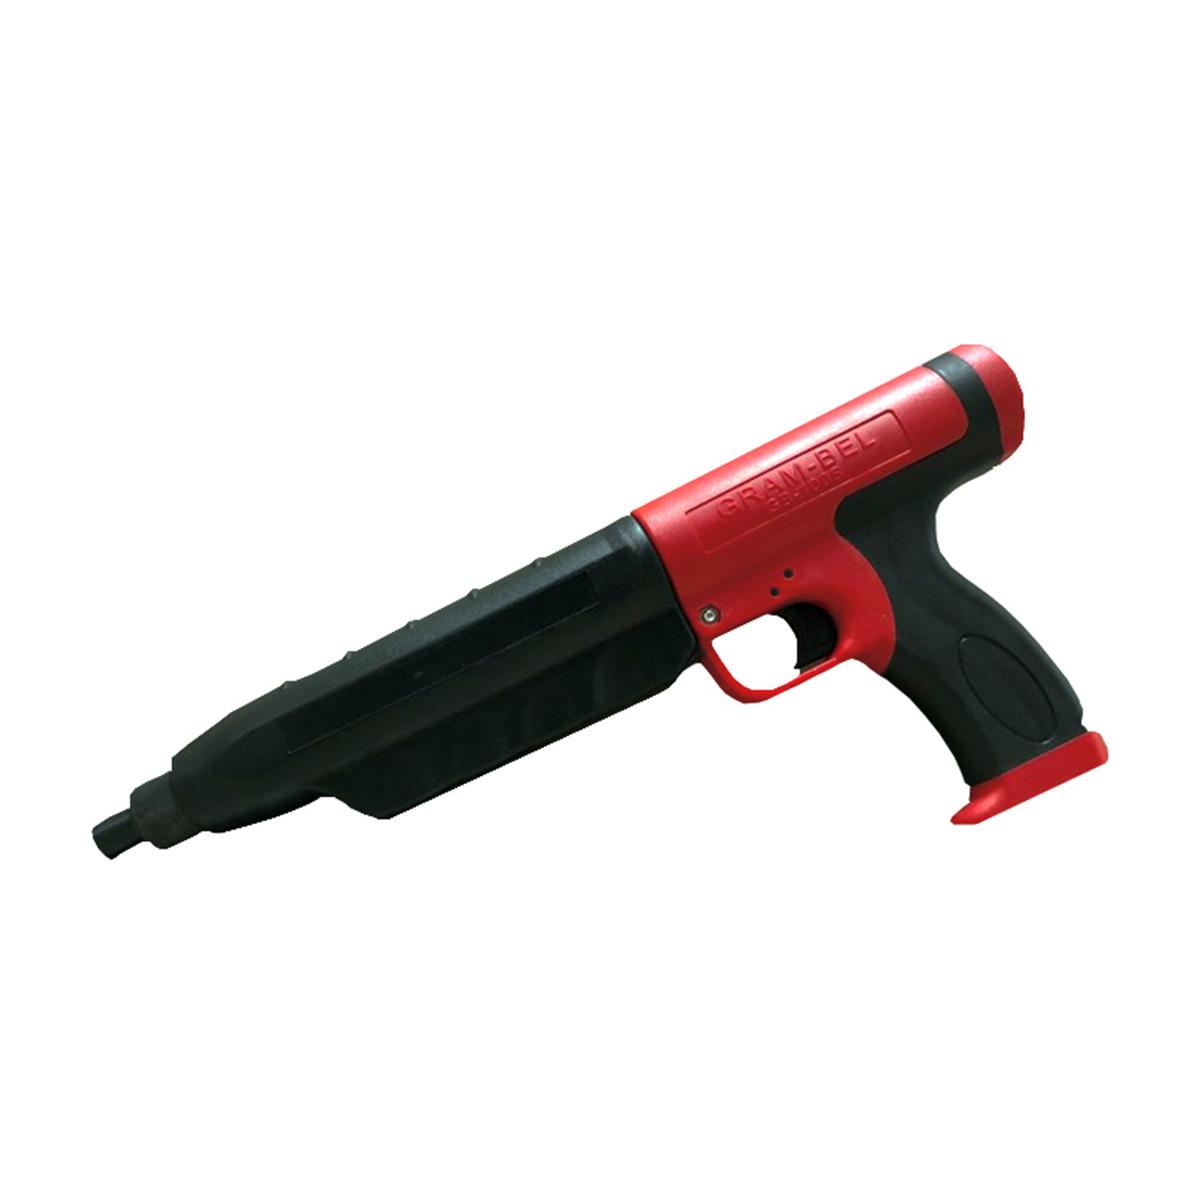 Pistola Impacto Disparador Fijacion 8mm De Clavos Gram-Bel